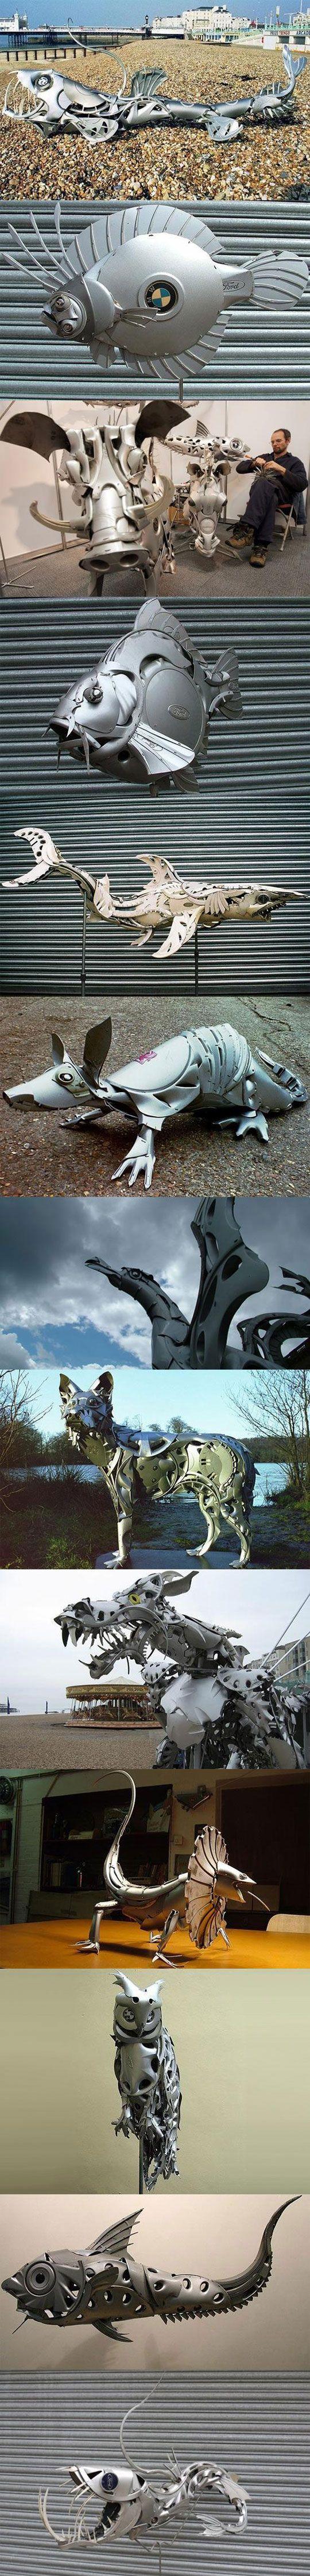 Hubcap sculptures. Sculptures by Ptolemy Elrington                                                                                                                                                                                 Más